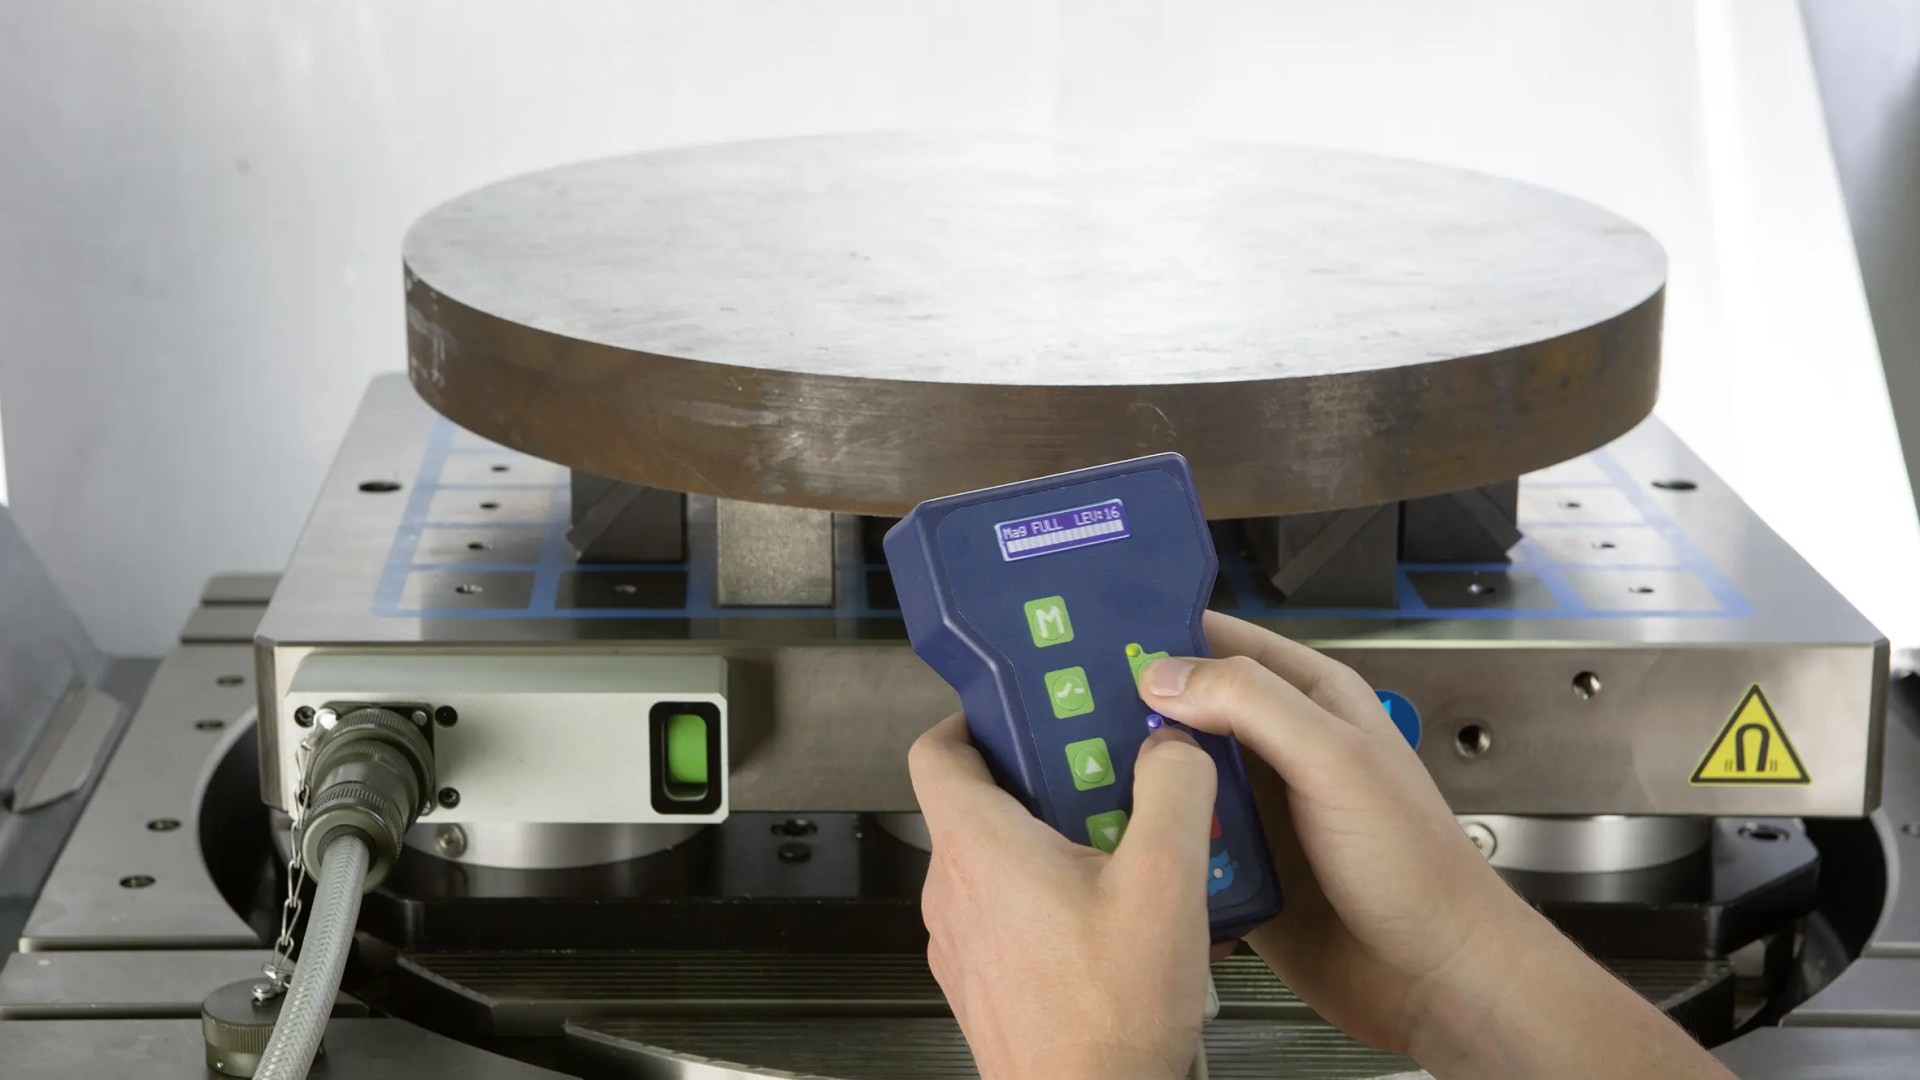 Las mesas magnéticas, indican el estado de sujeción –  la unidad de control modular, aumenta la comodidad del usuario